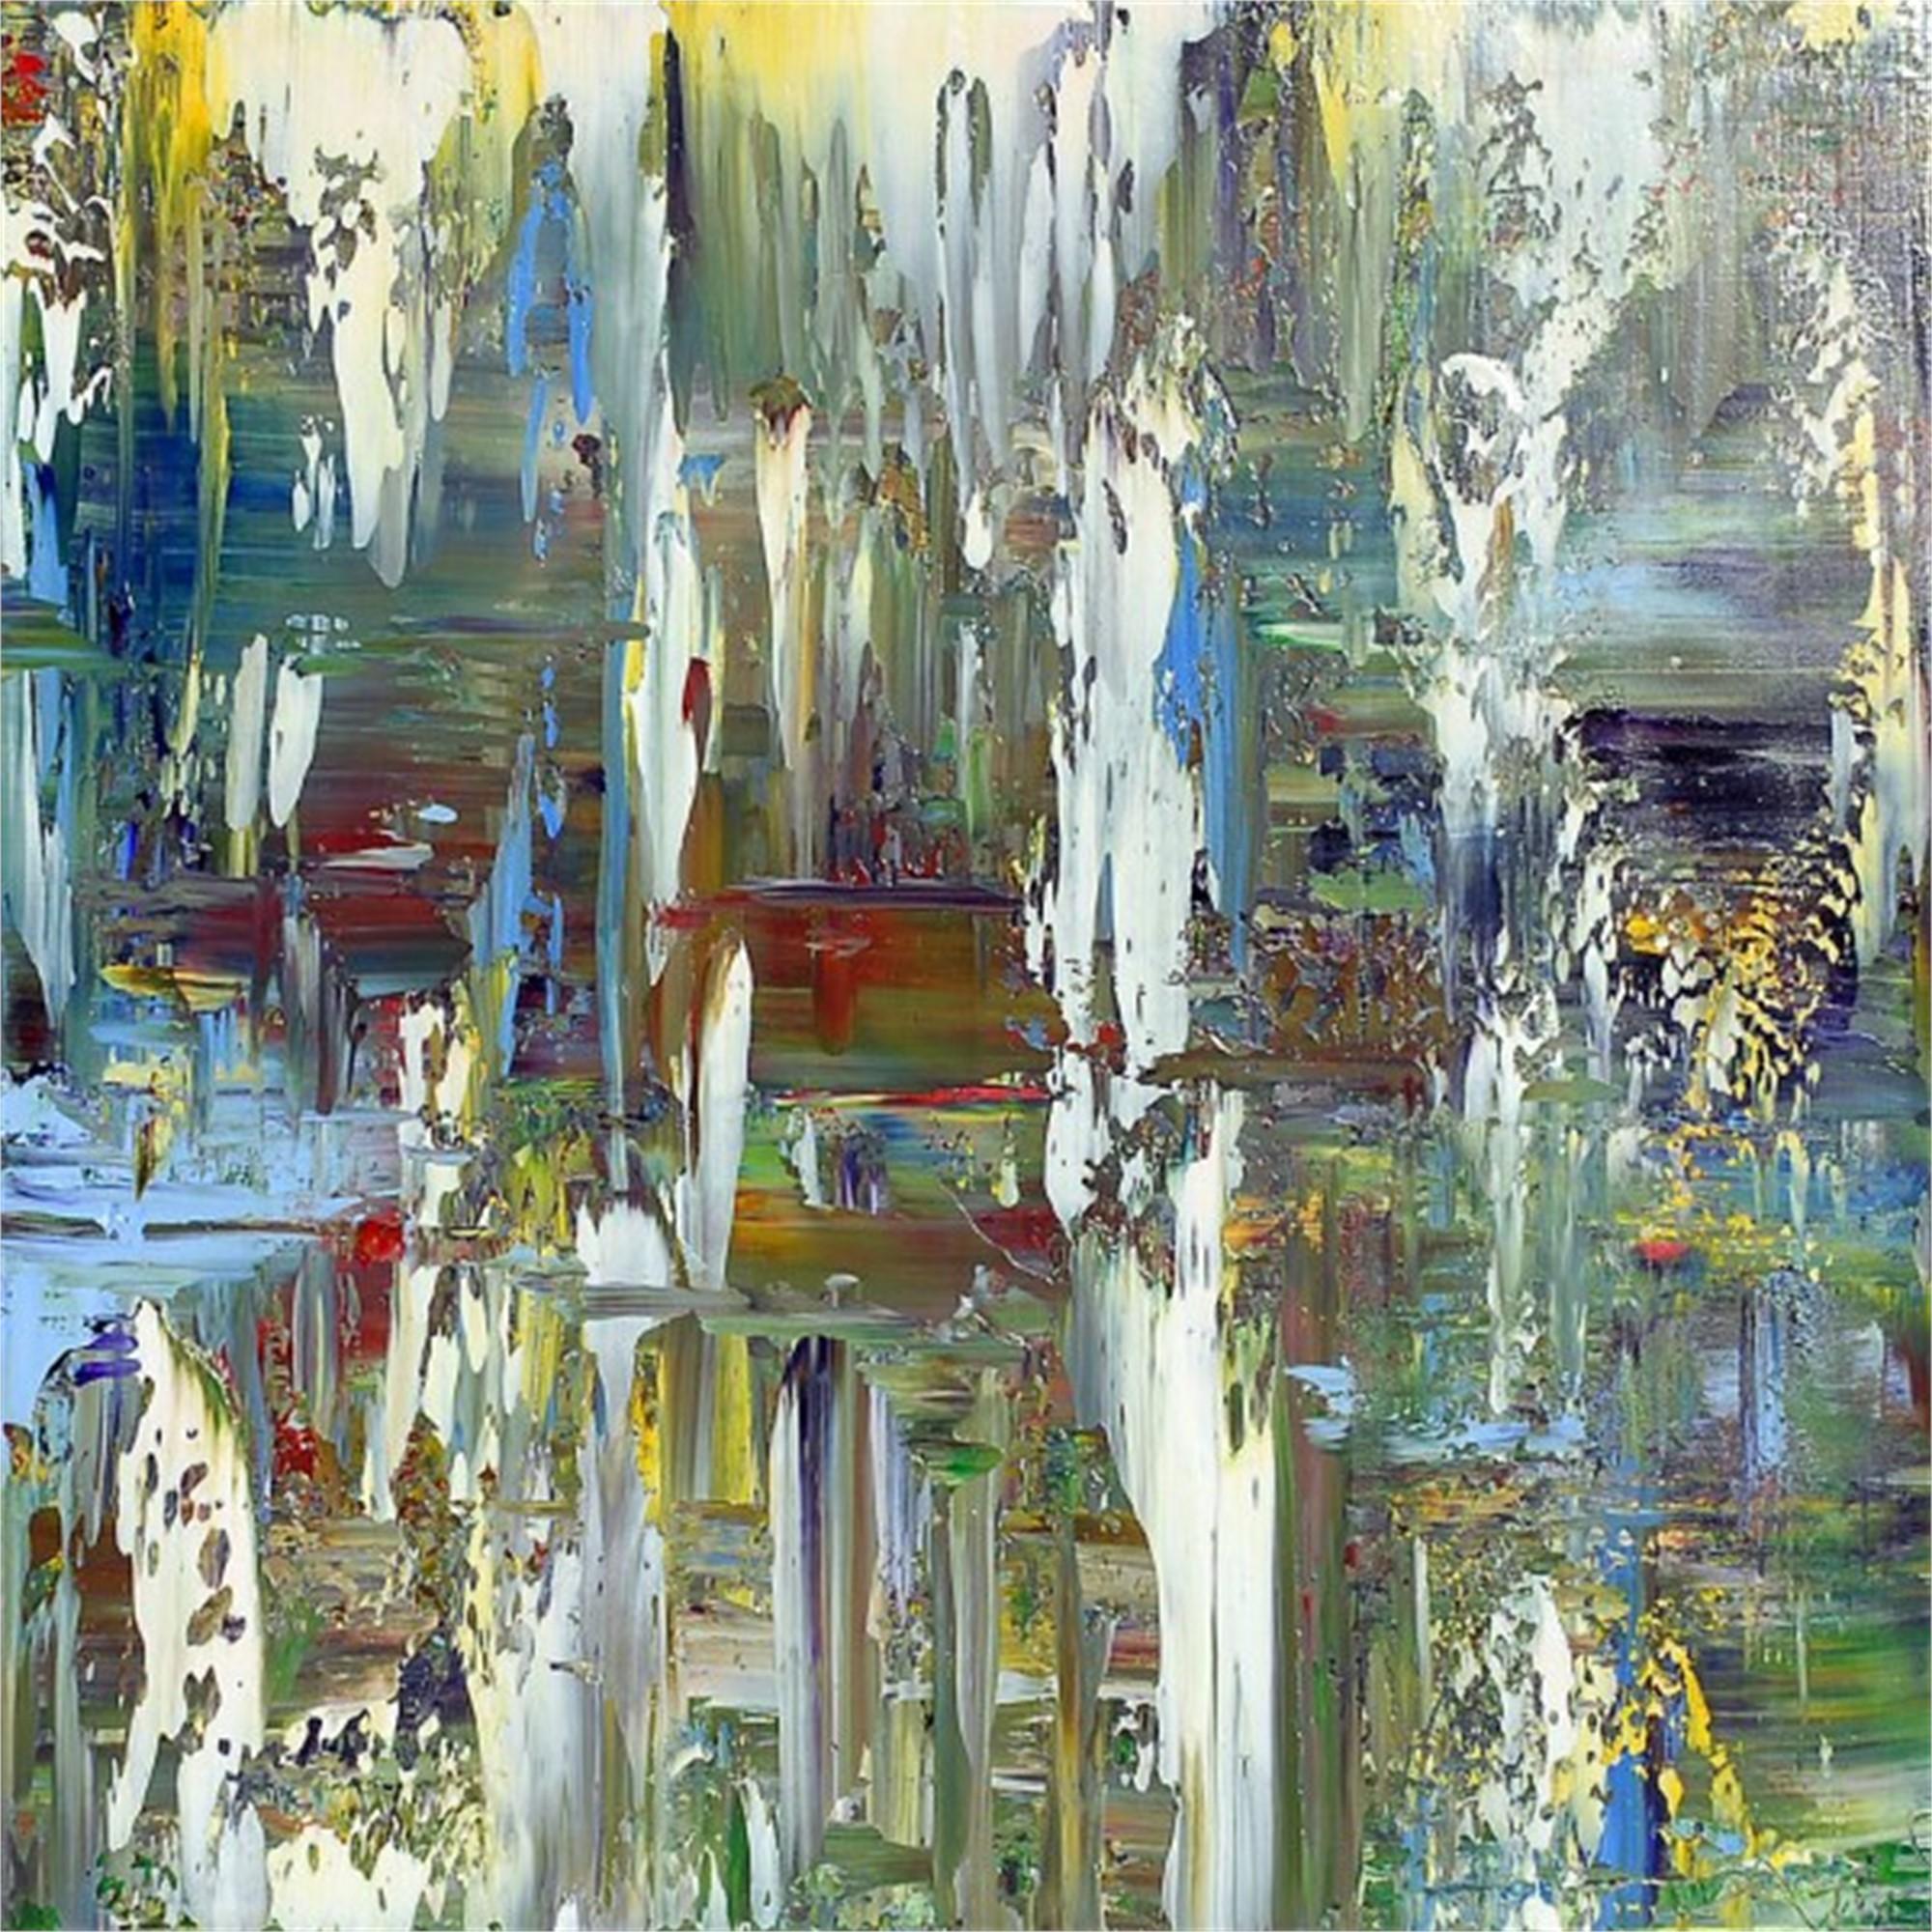 Monet by the Seine by James C. Leonard